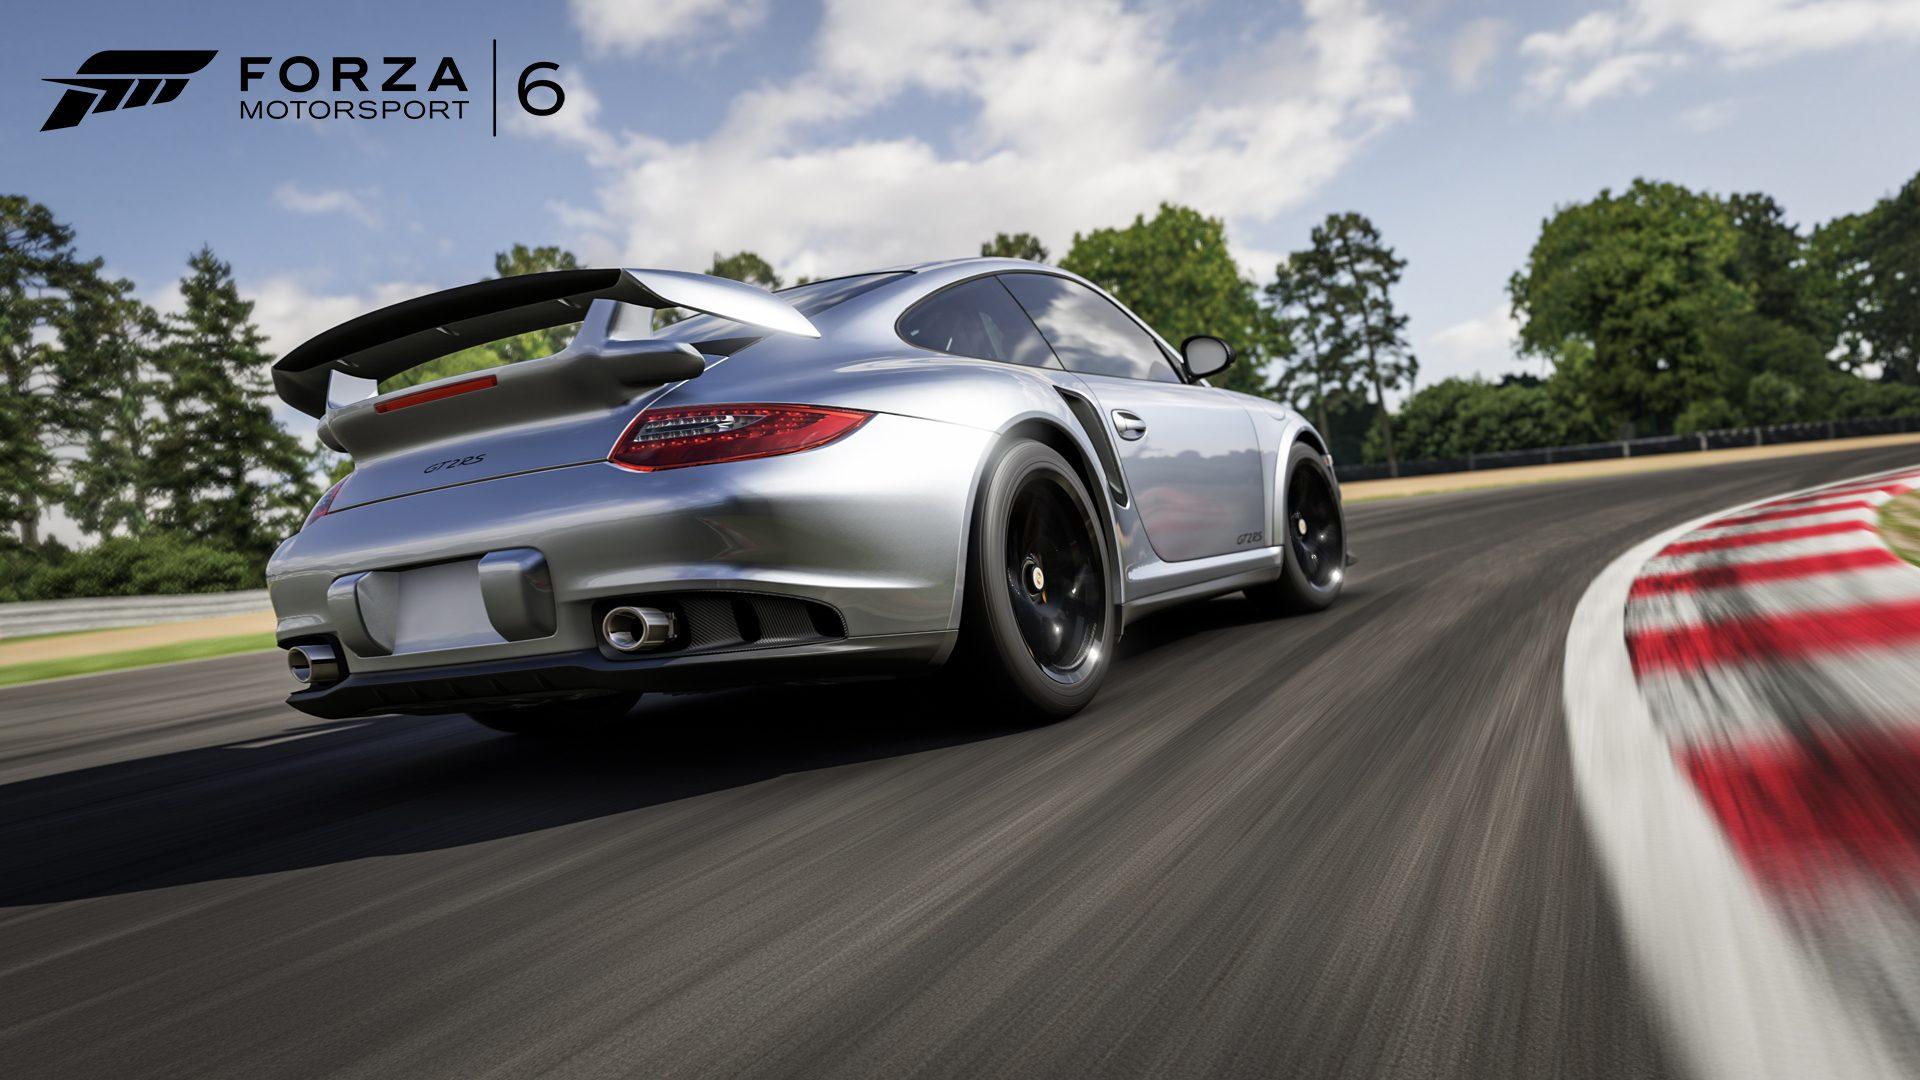 FM6-2012-Porsche-911-GT2-RS Remarkable Porsche 911 Gt2 Xbox 360 Cars Trend